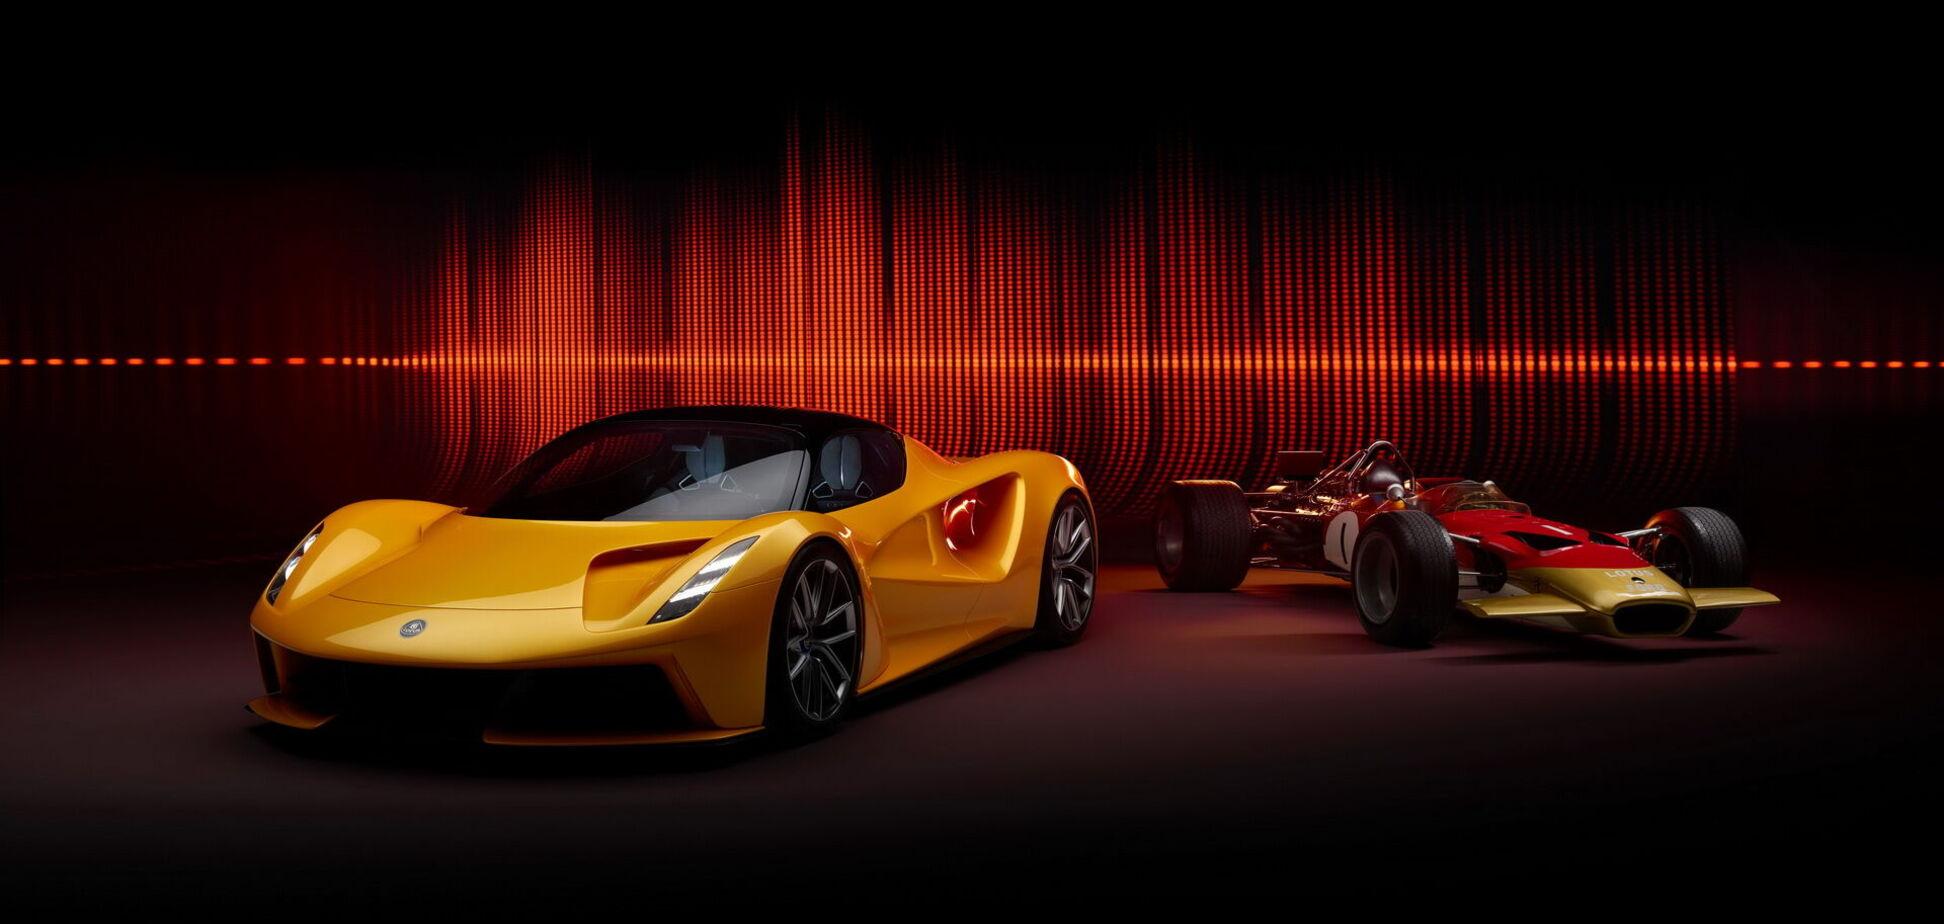 Електромобіль Lotus буде звучати як болід Ф1